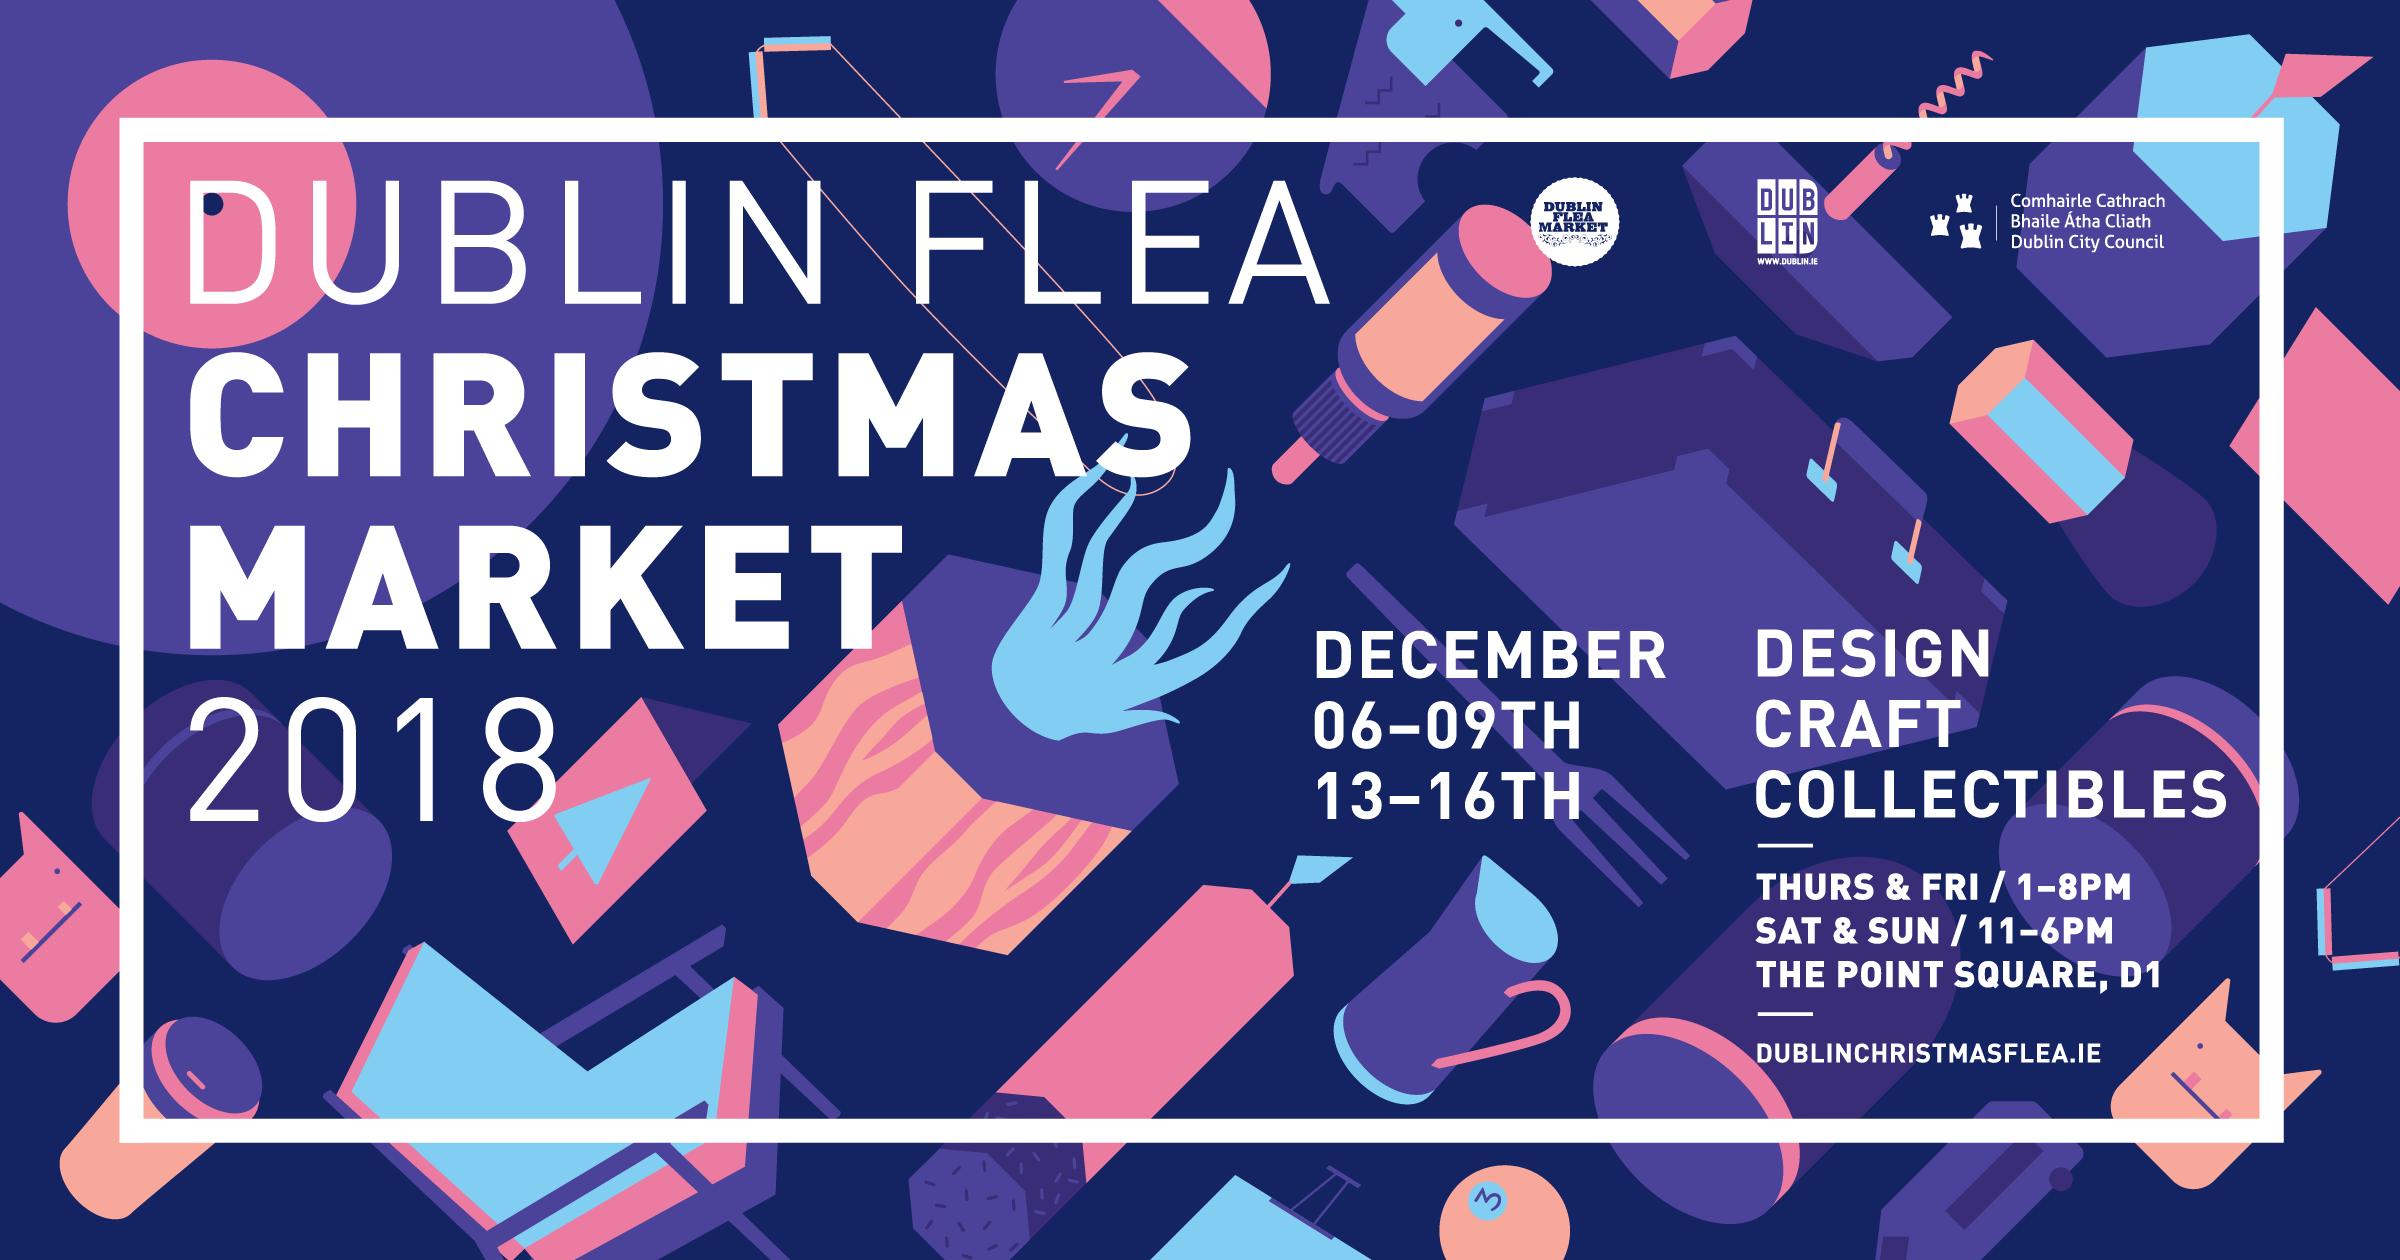 Dublin-Flea-Christmas-Market-2018.png